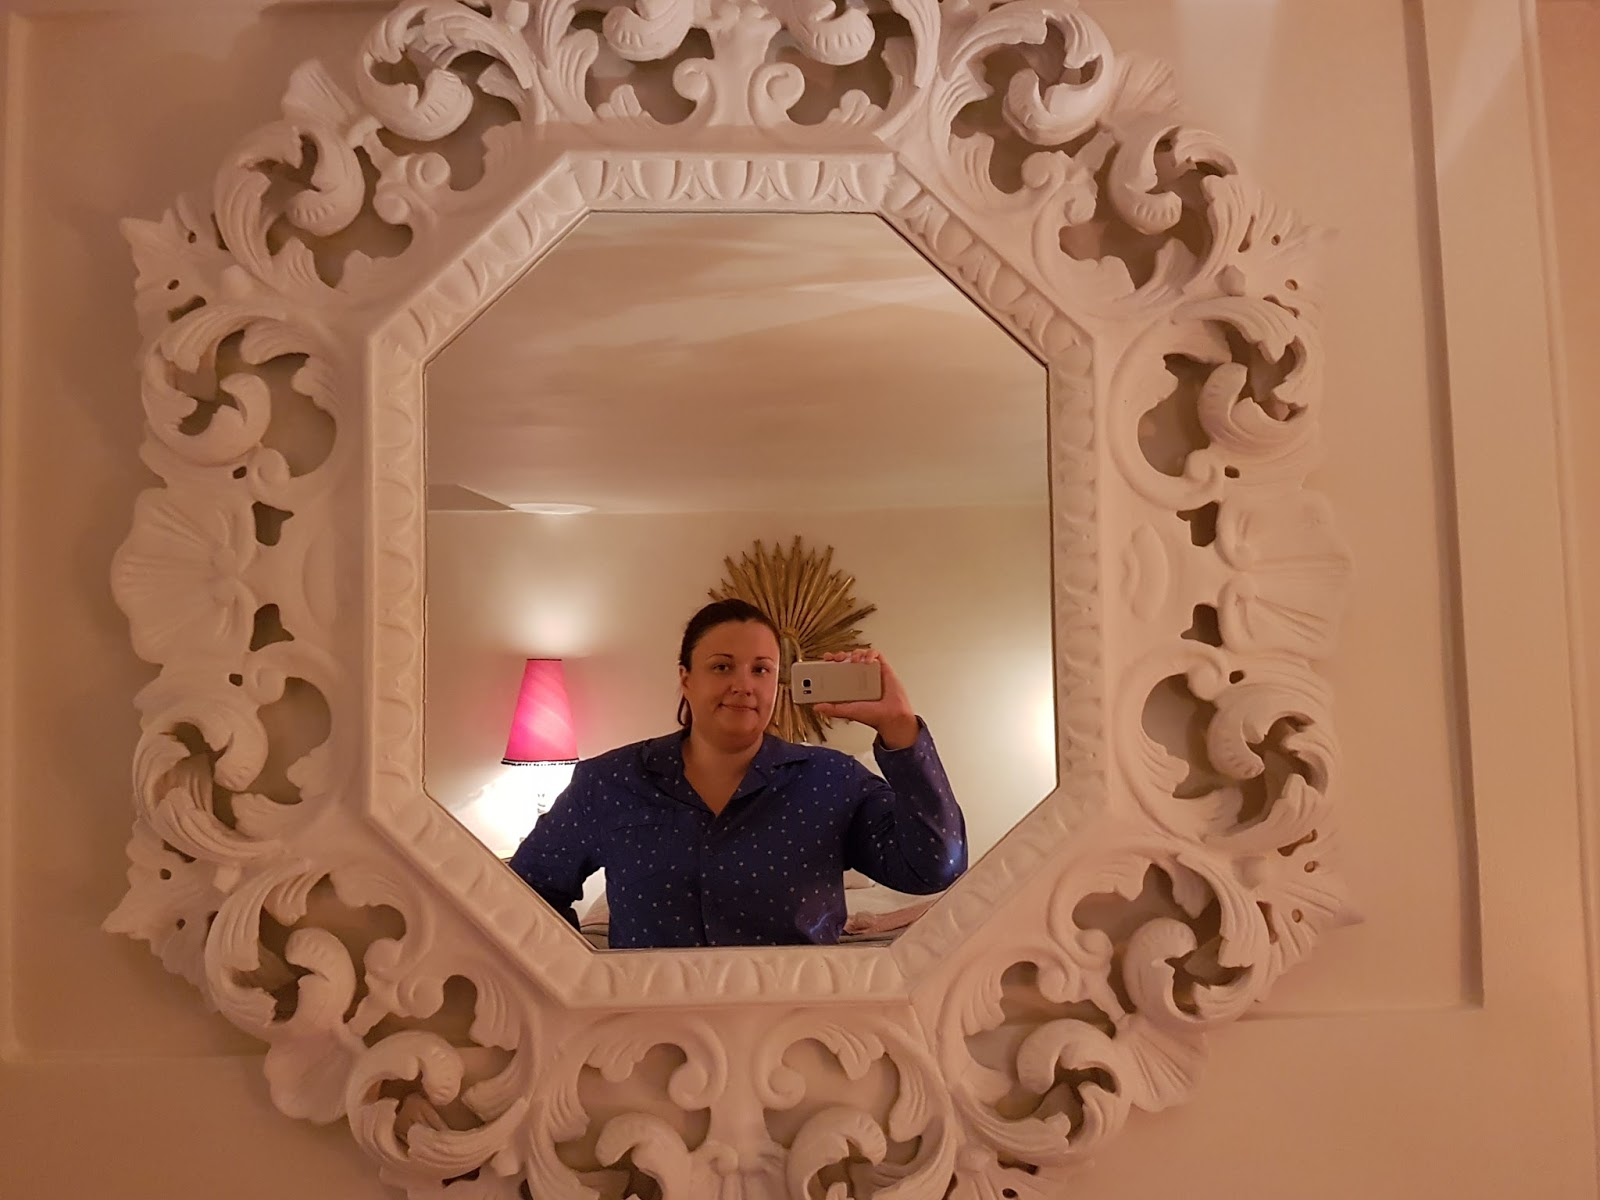 woman taking a selfie through a mirror